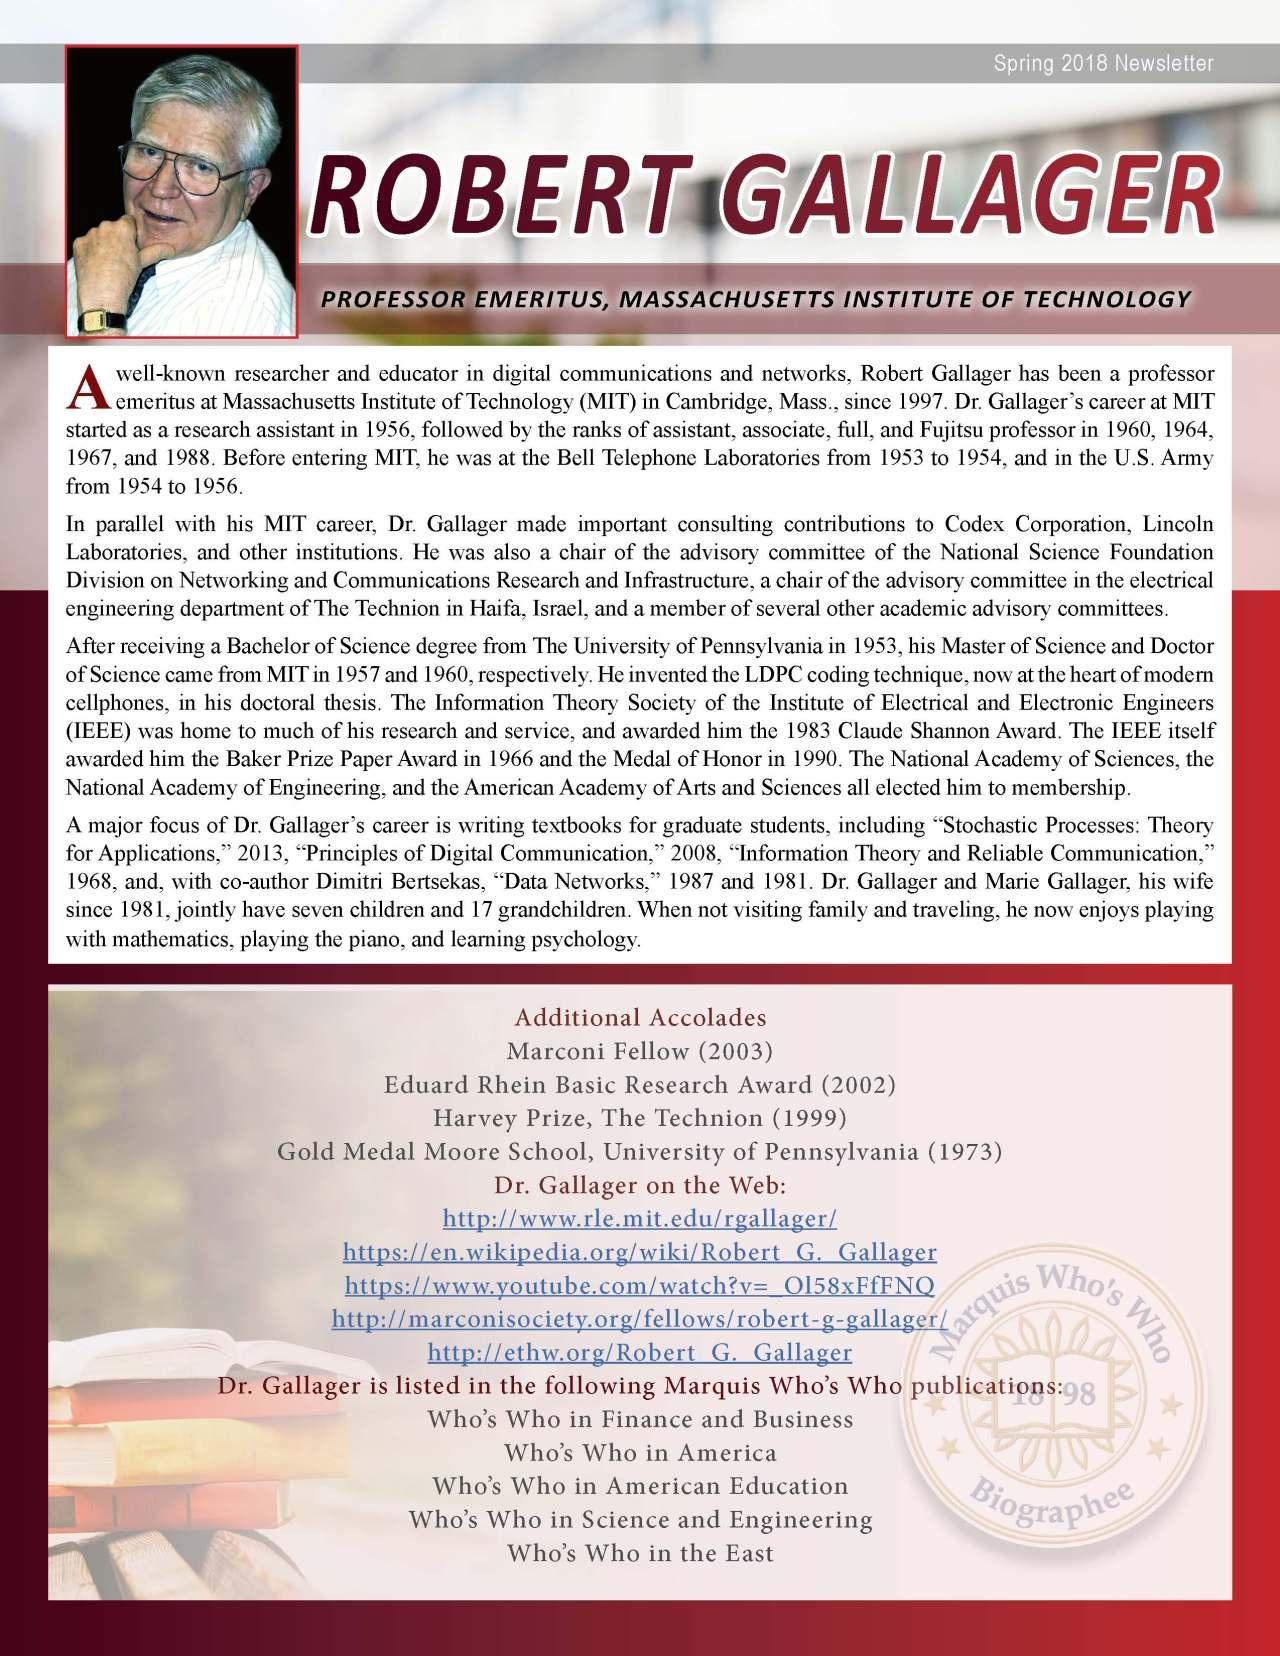 Gallager, Robert 3719036_3825155 Newsletter REVISED.jpg